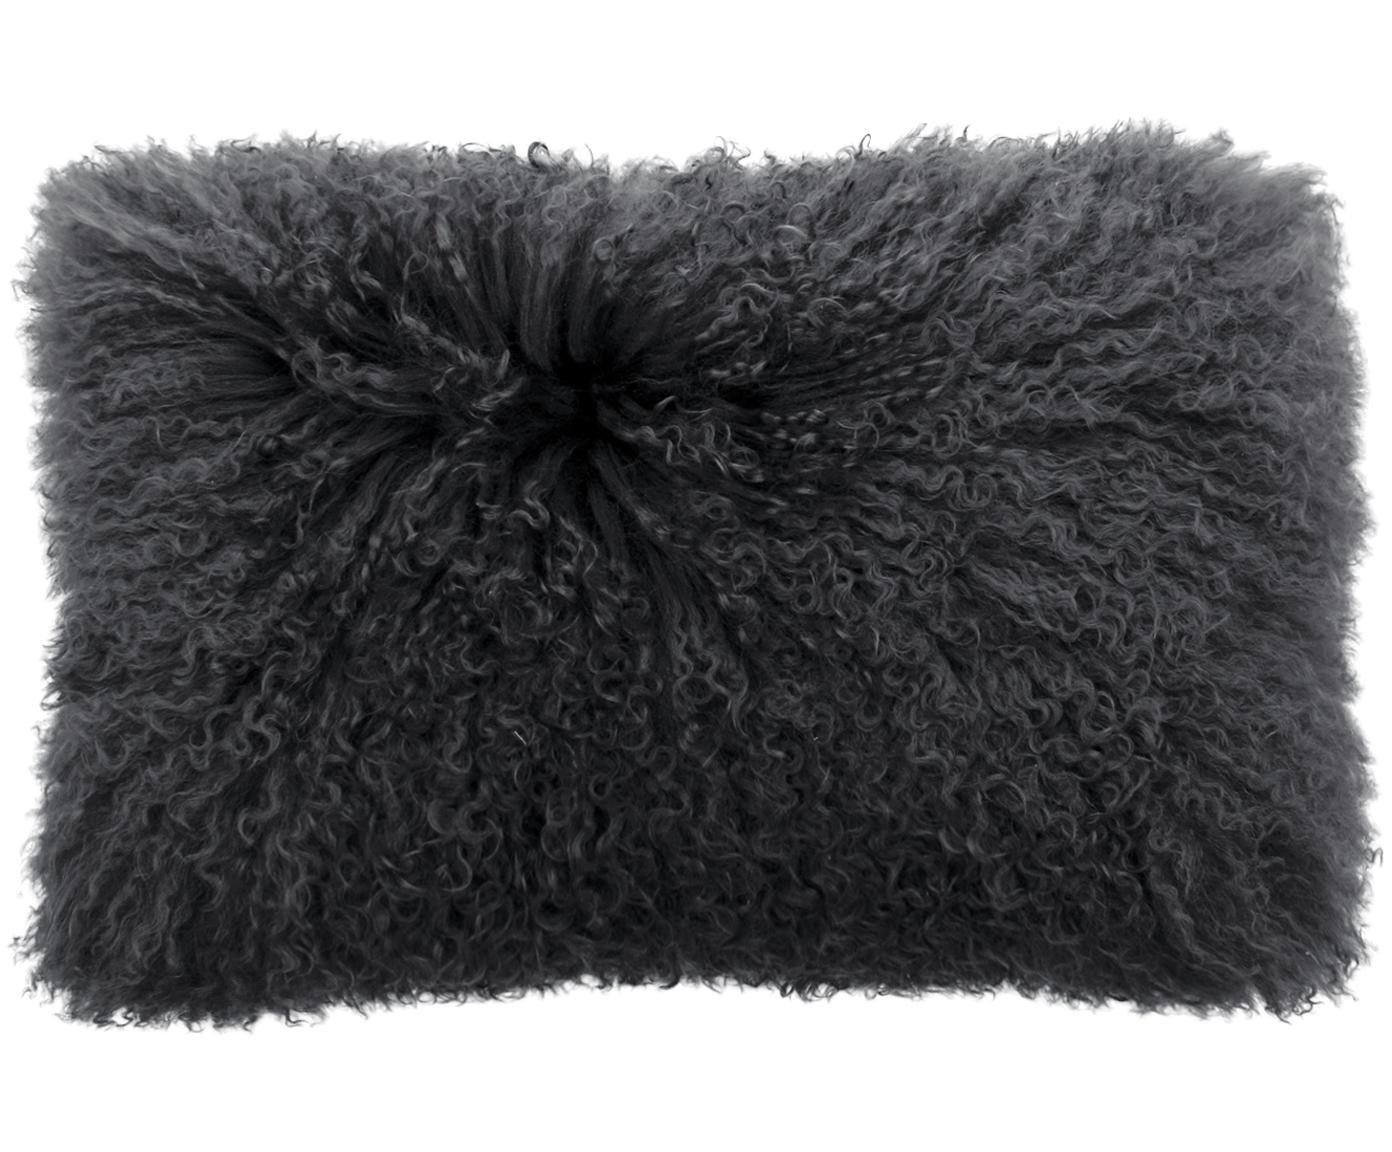 Poszewka na poduszkę ze skóry jagnięcej o długim włosiu Ella, Szary, S 30 x D 50 cm